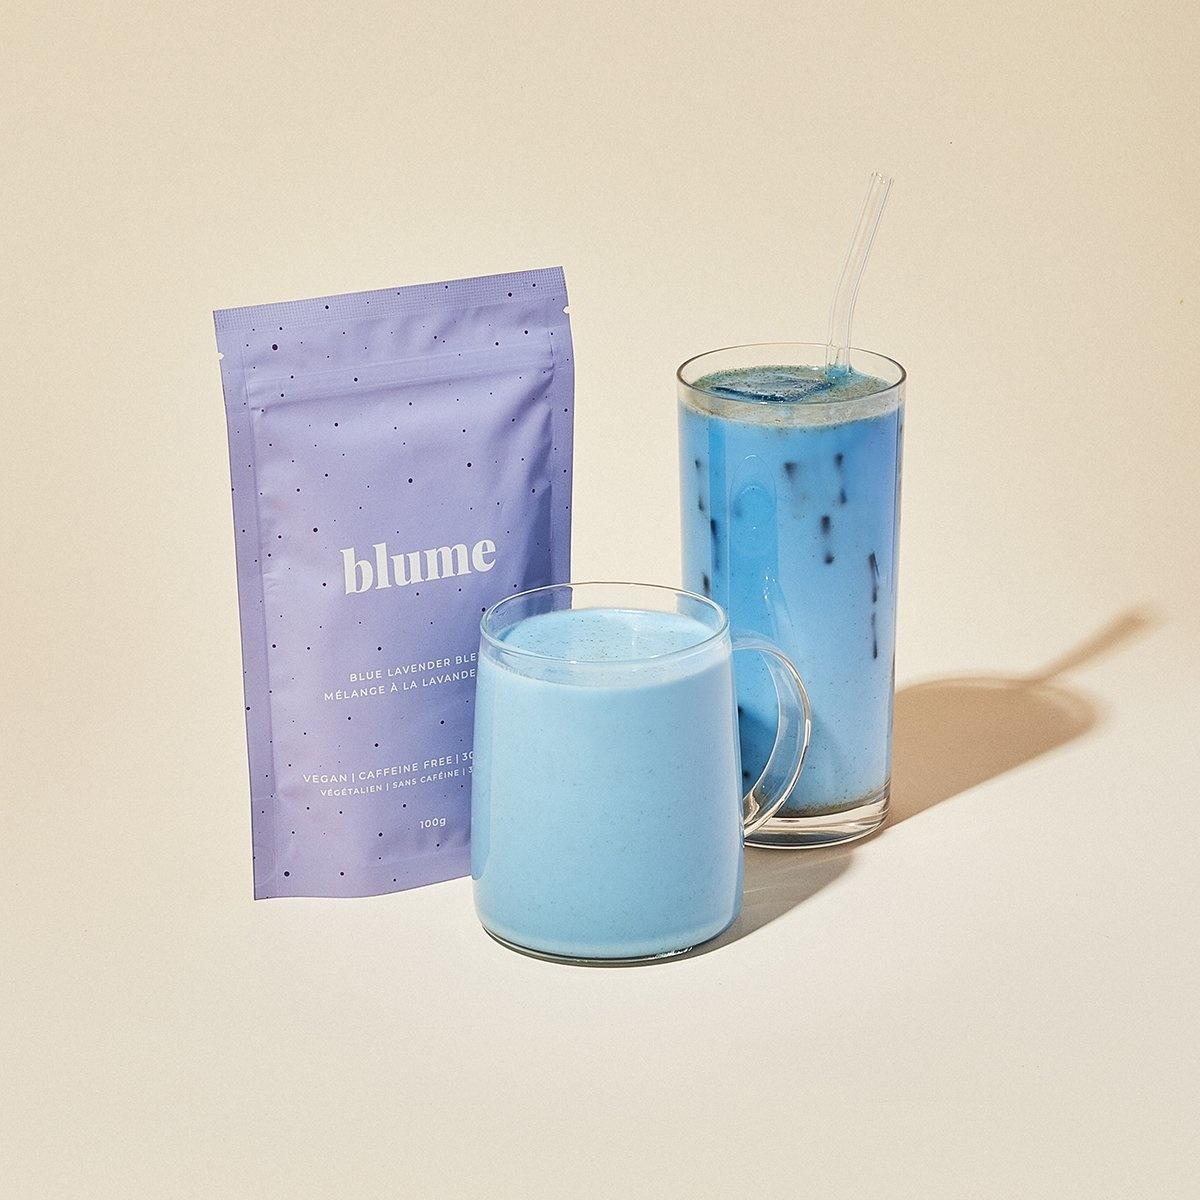 Blume Blue Lavender Blend - 100g